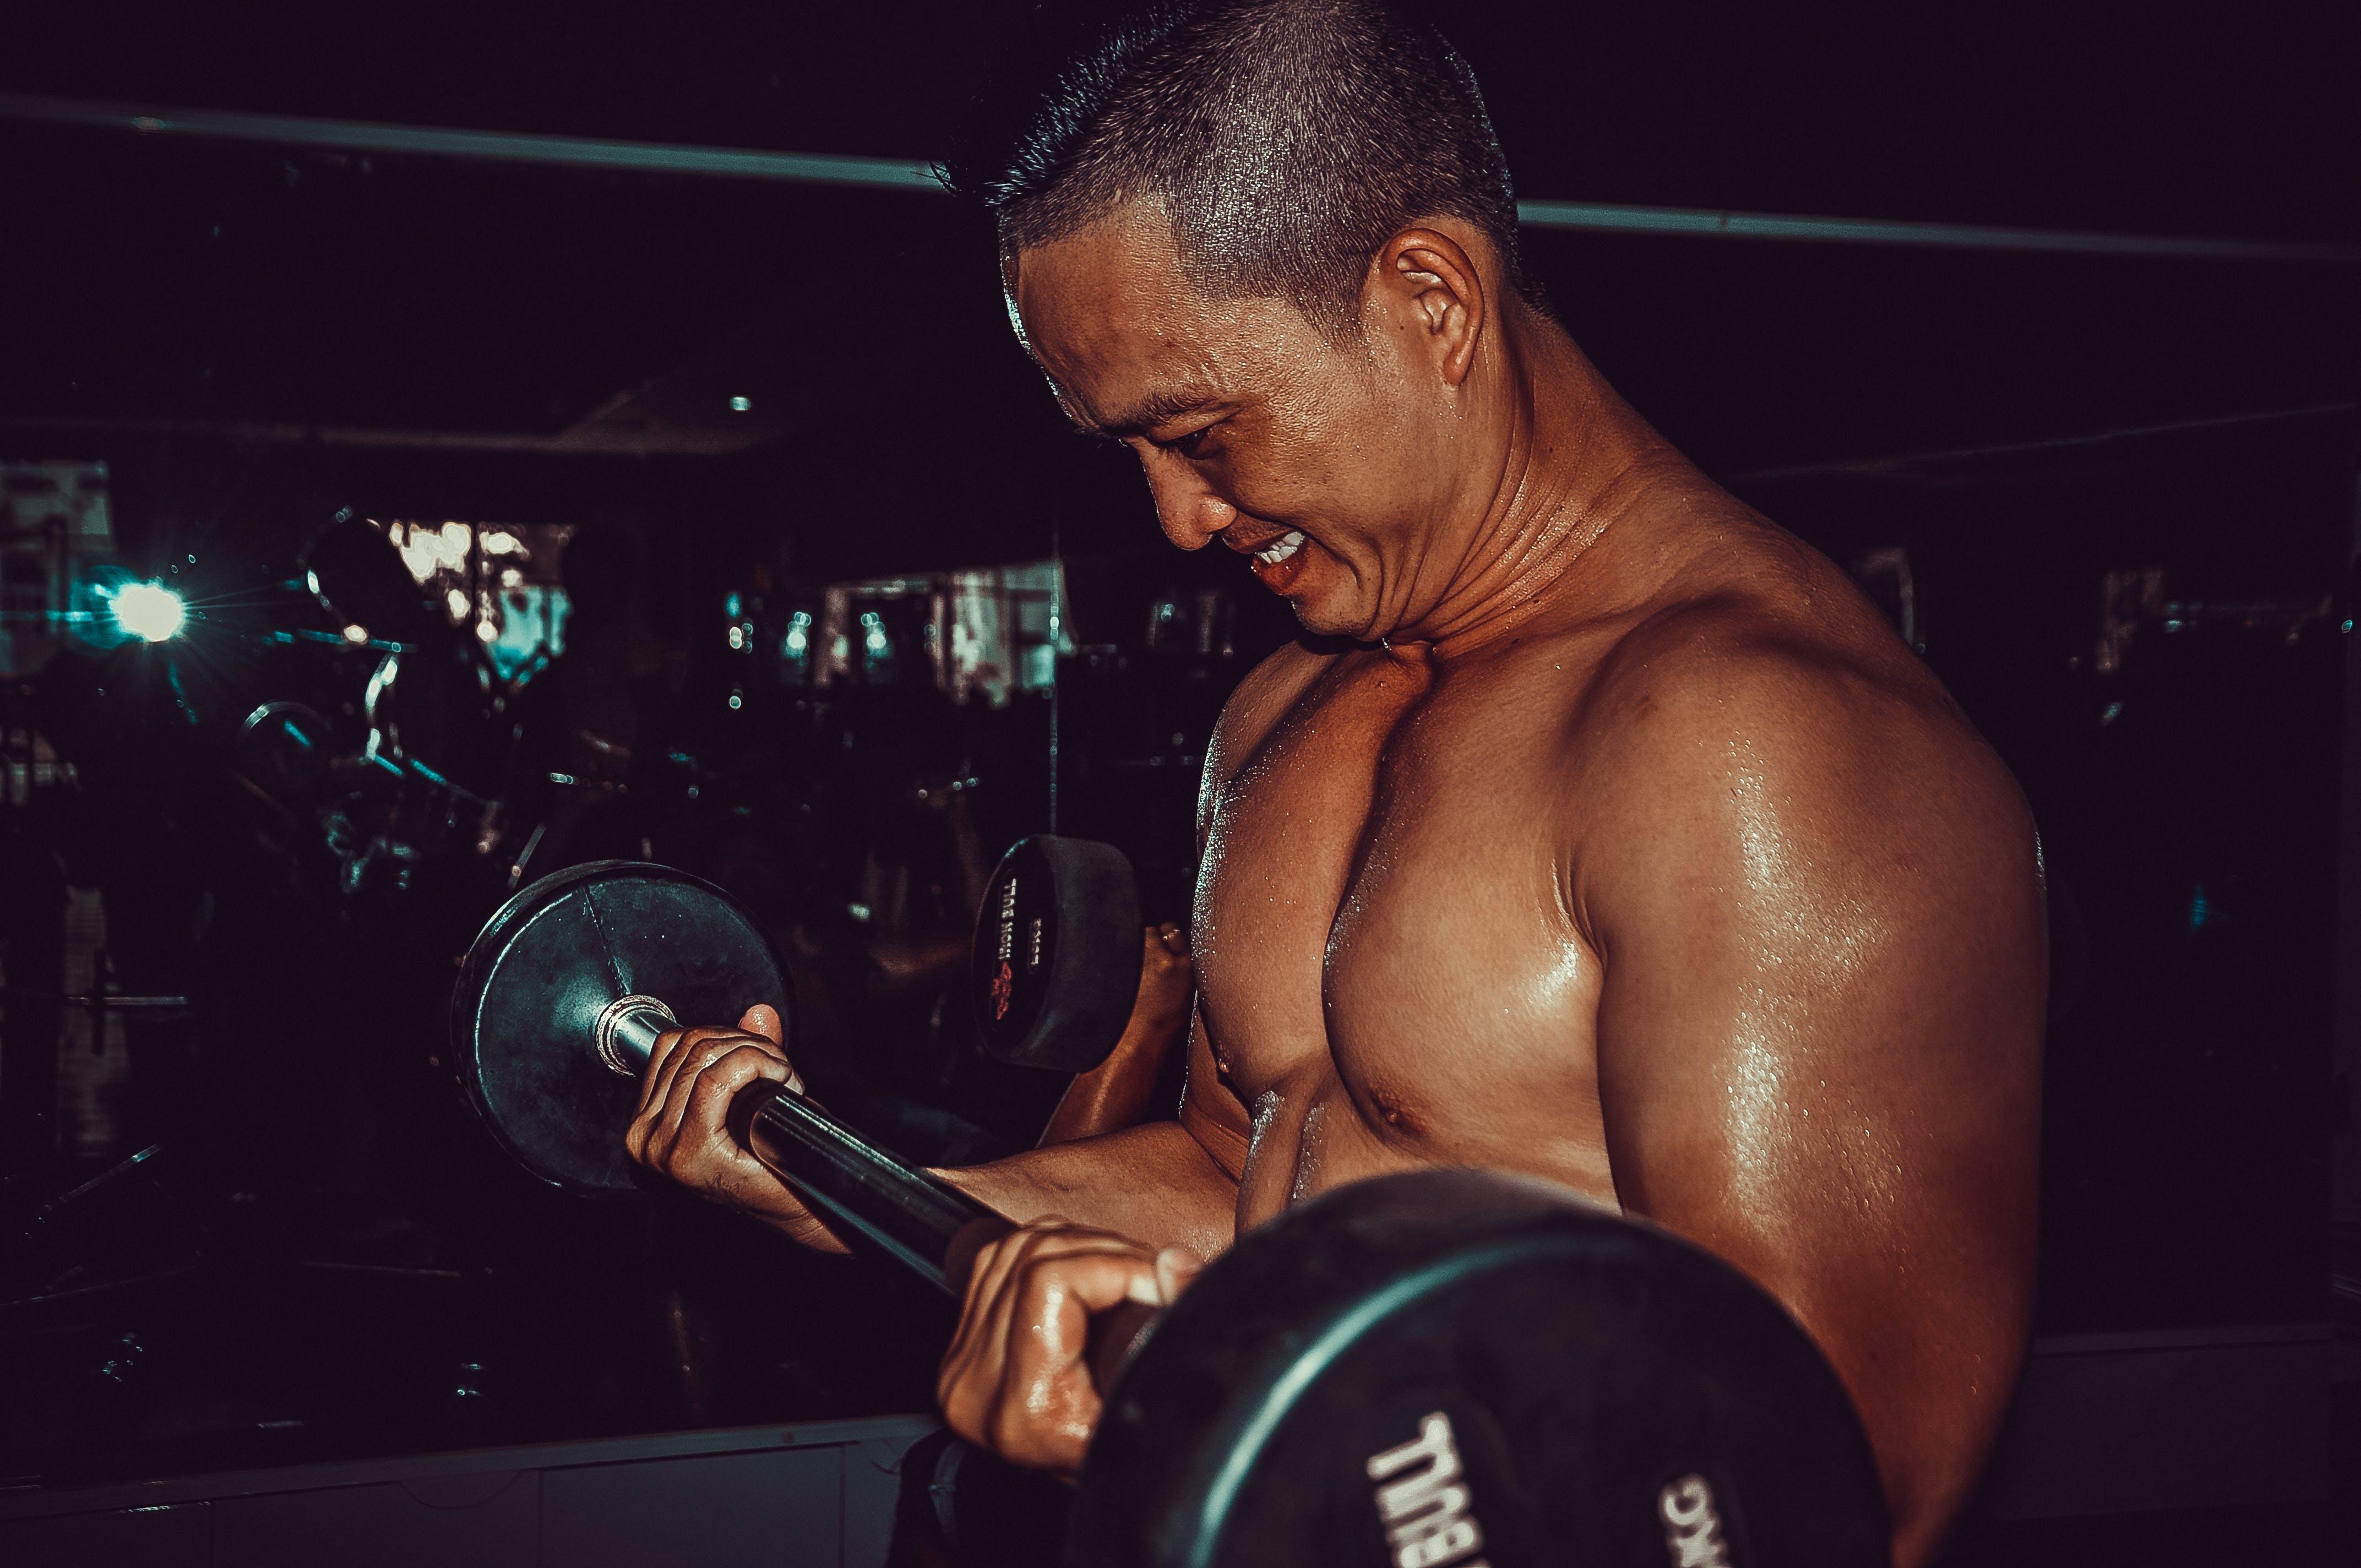 การยกน้ำหนัก, การออกกำลังกาย, คล่องแคล่ว